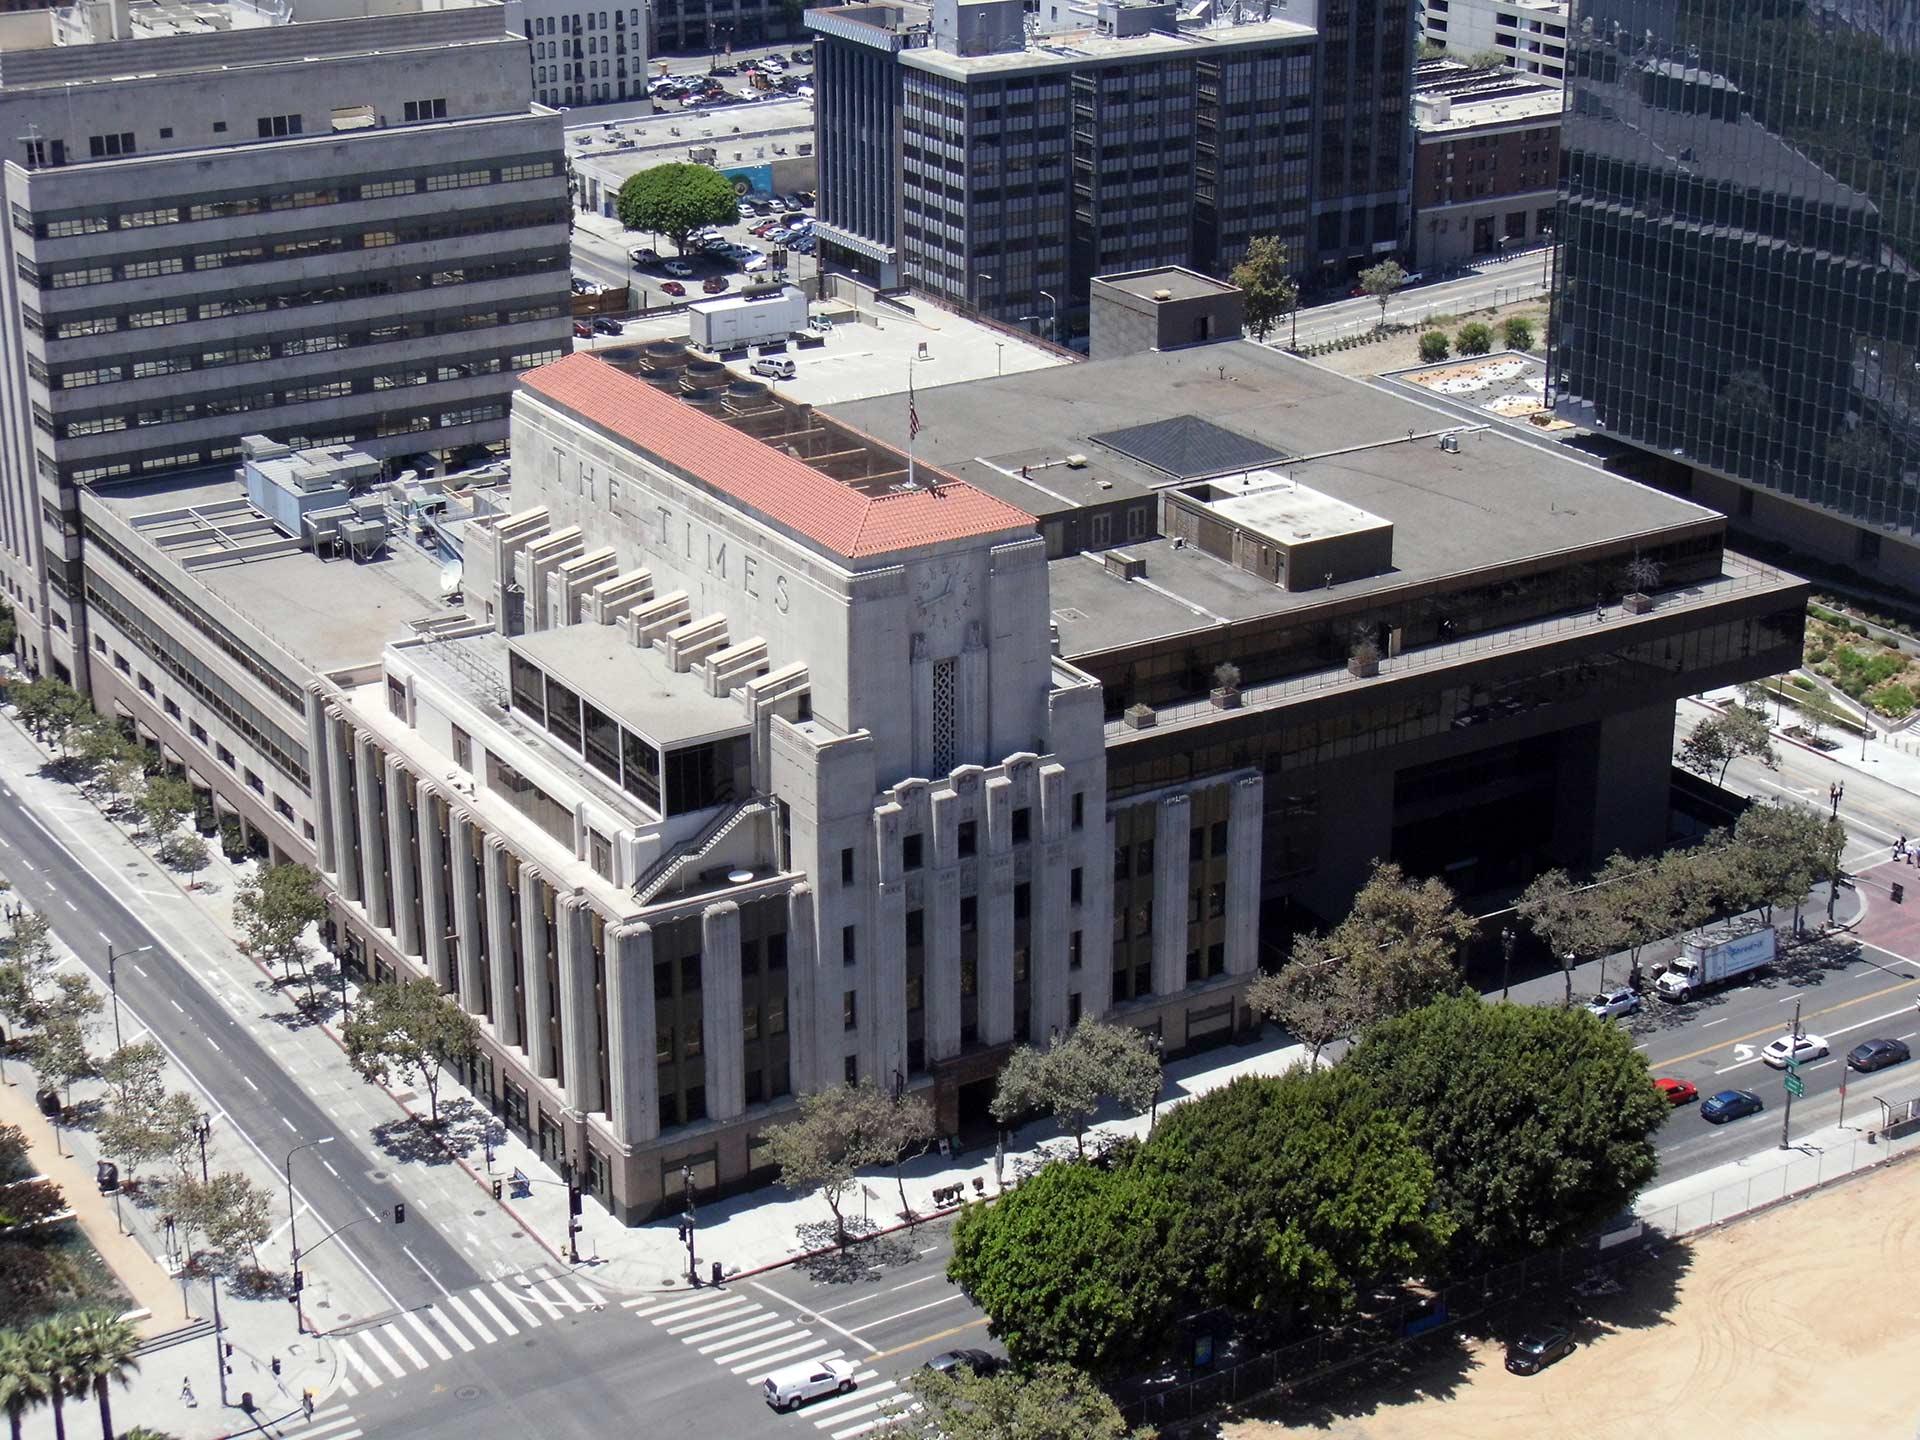 Los Angeles Times Building | Sandi Hemmerlein